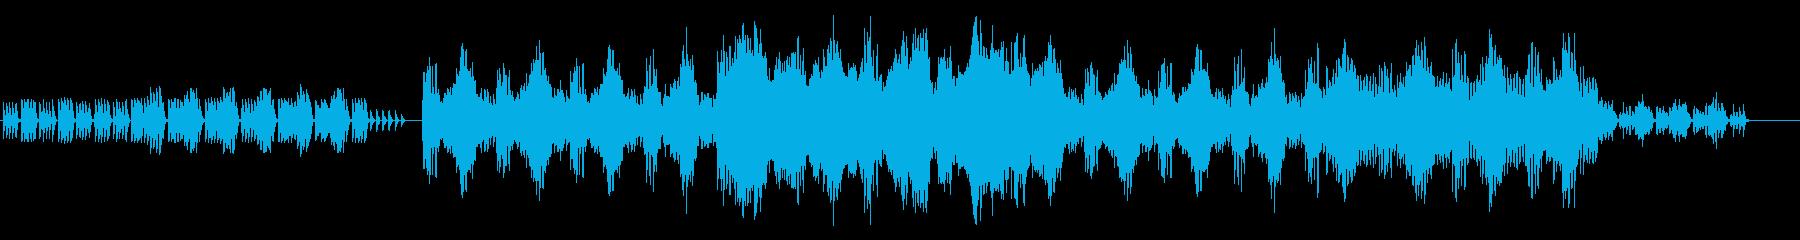 幻想的な管弦楽BGMの再生済みの波形